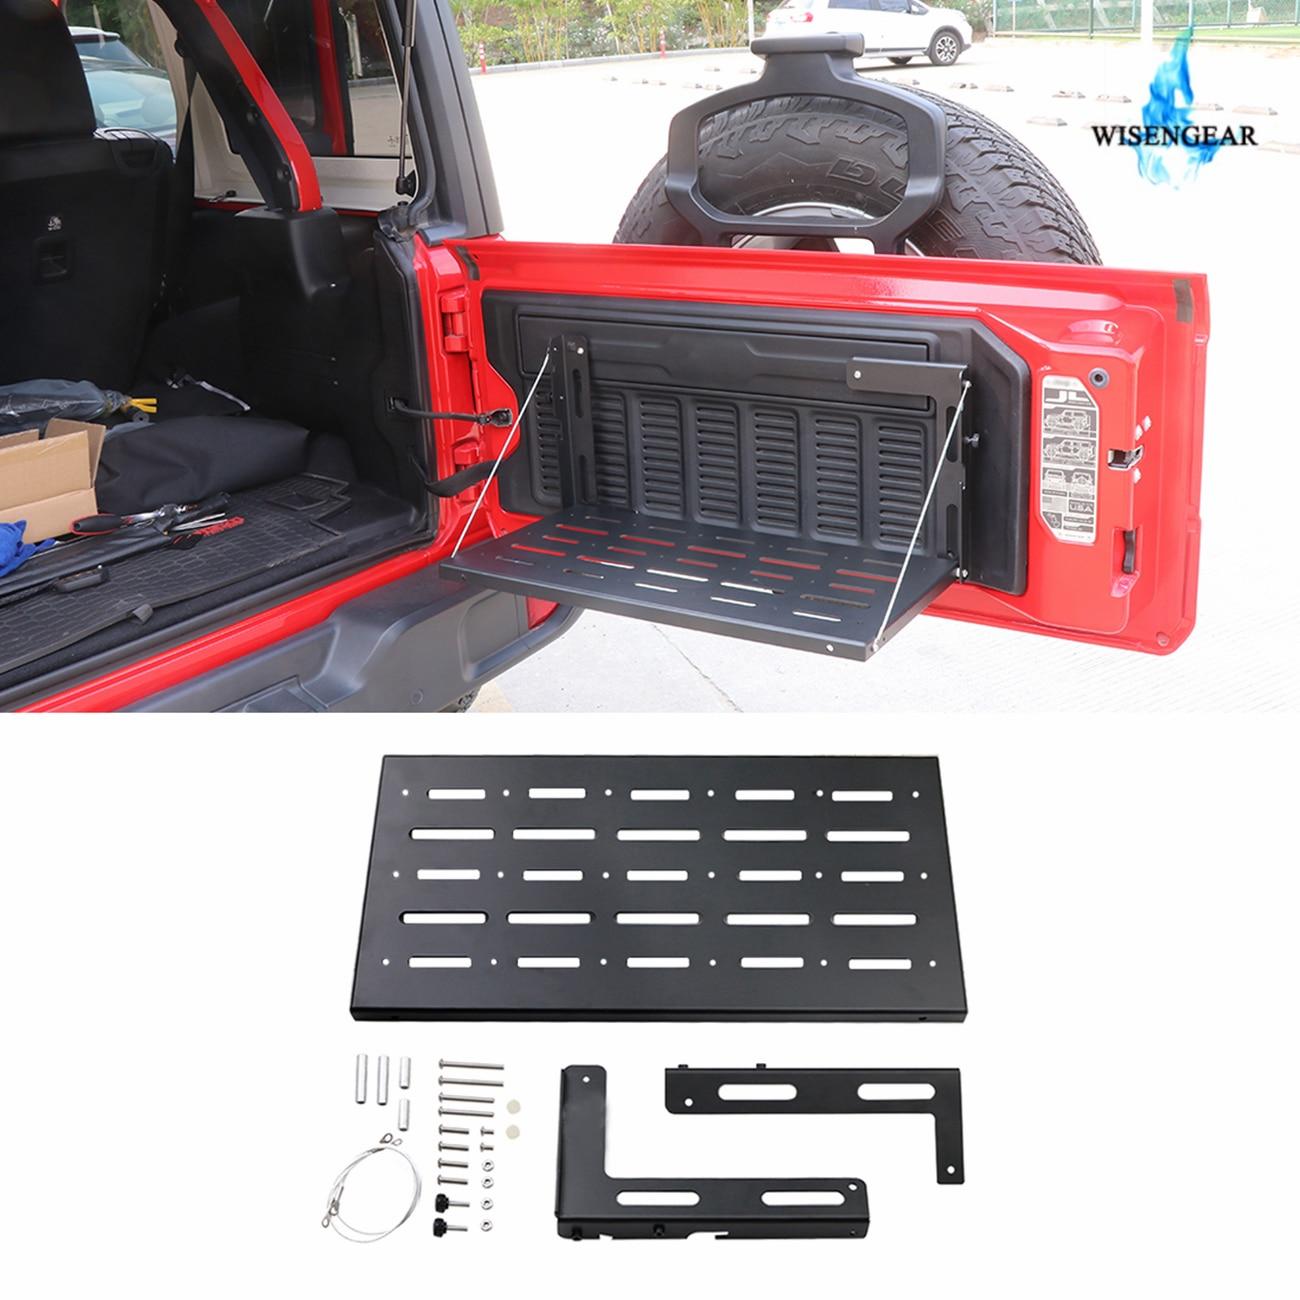 WISENGEAR Flexible hayon Table arrière coffre porte Rack Cargo porte-bagages étagère support de stockage pour Jeep Wrangler JL 2018 2019